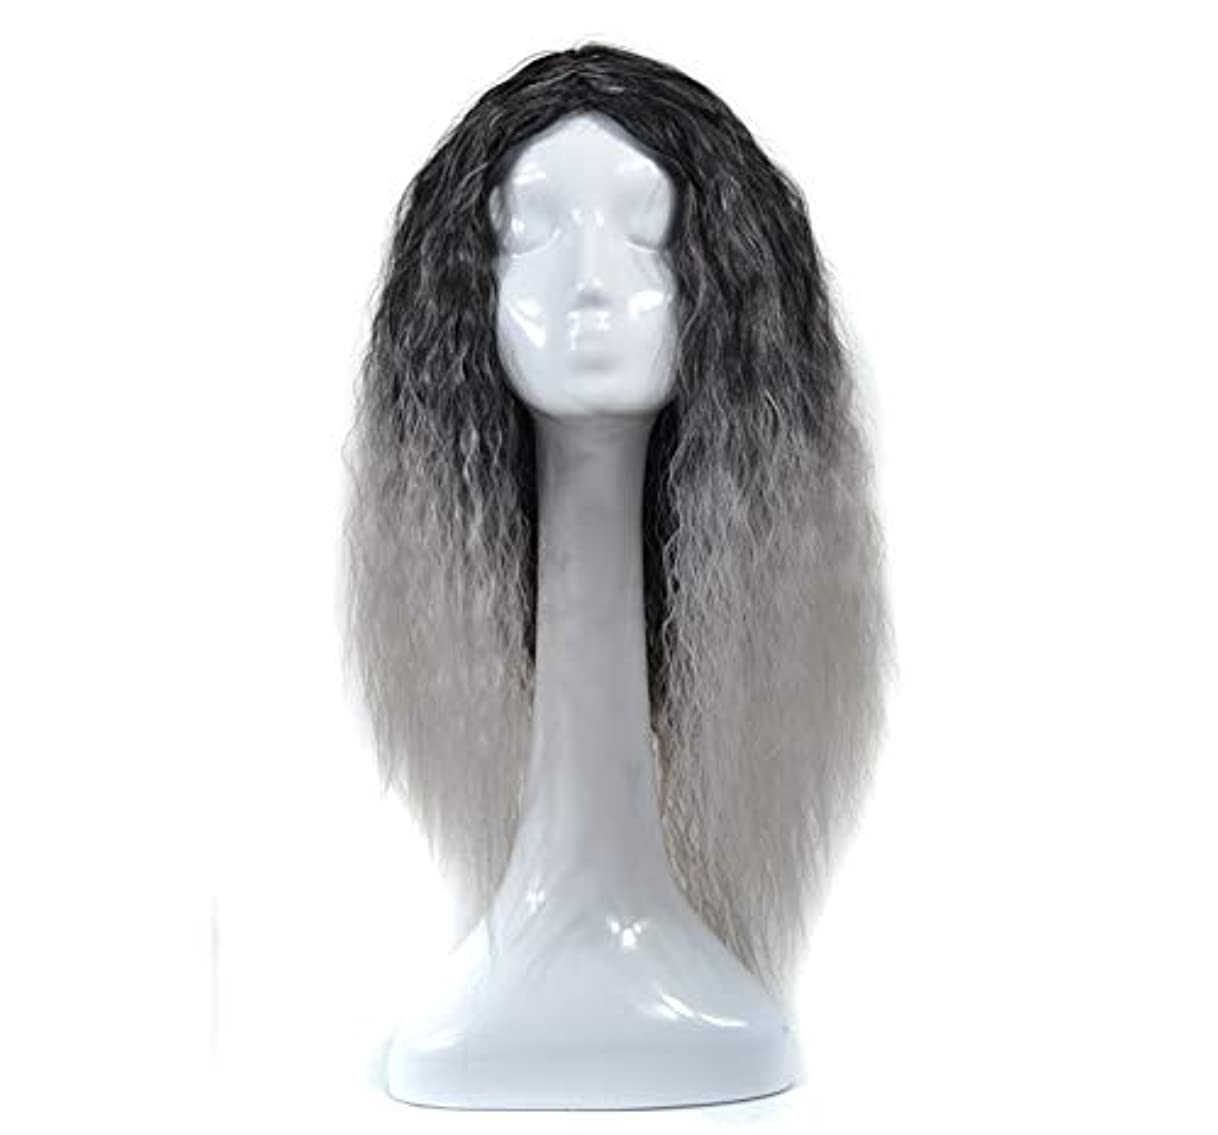 シャー倫理マーカーZXF ブラックライトグラニーグレーのかつらヘッドギア長い巻き毛のかつらアニメフード色トウモロコシのやけど 美しい